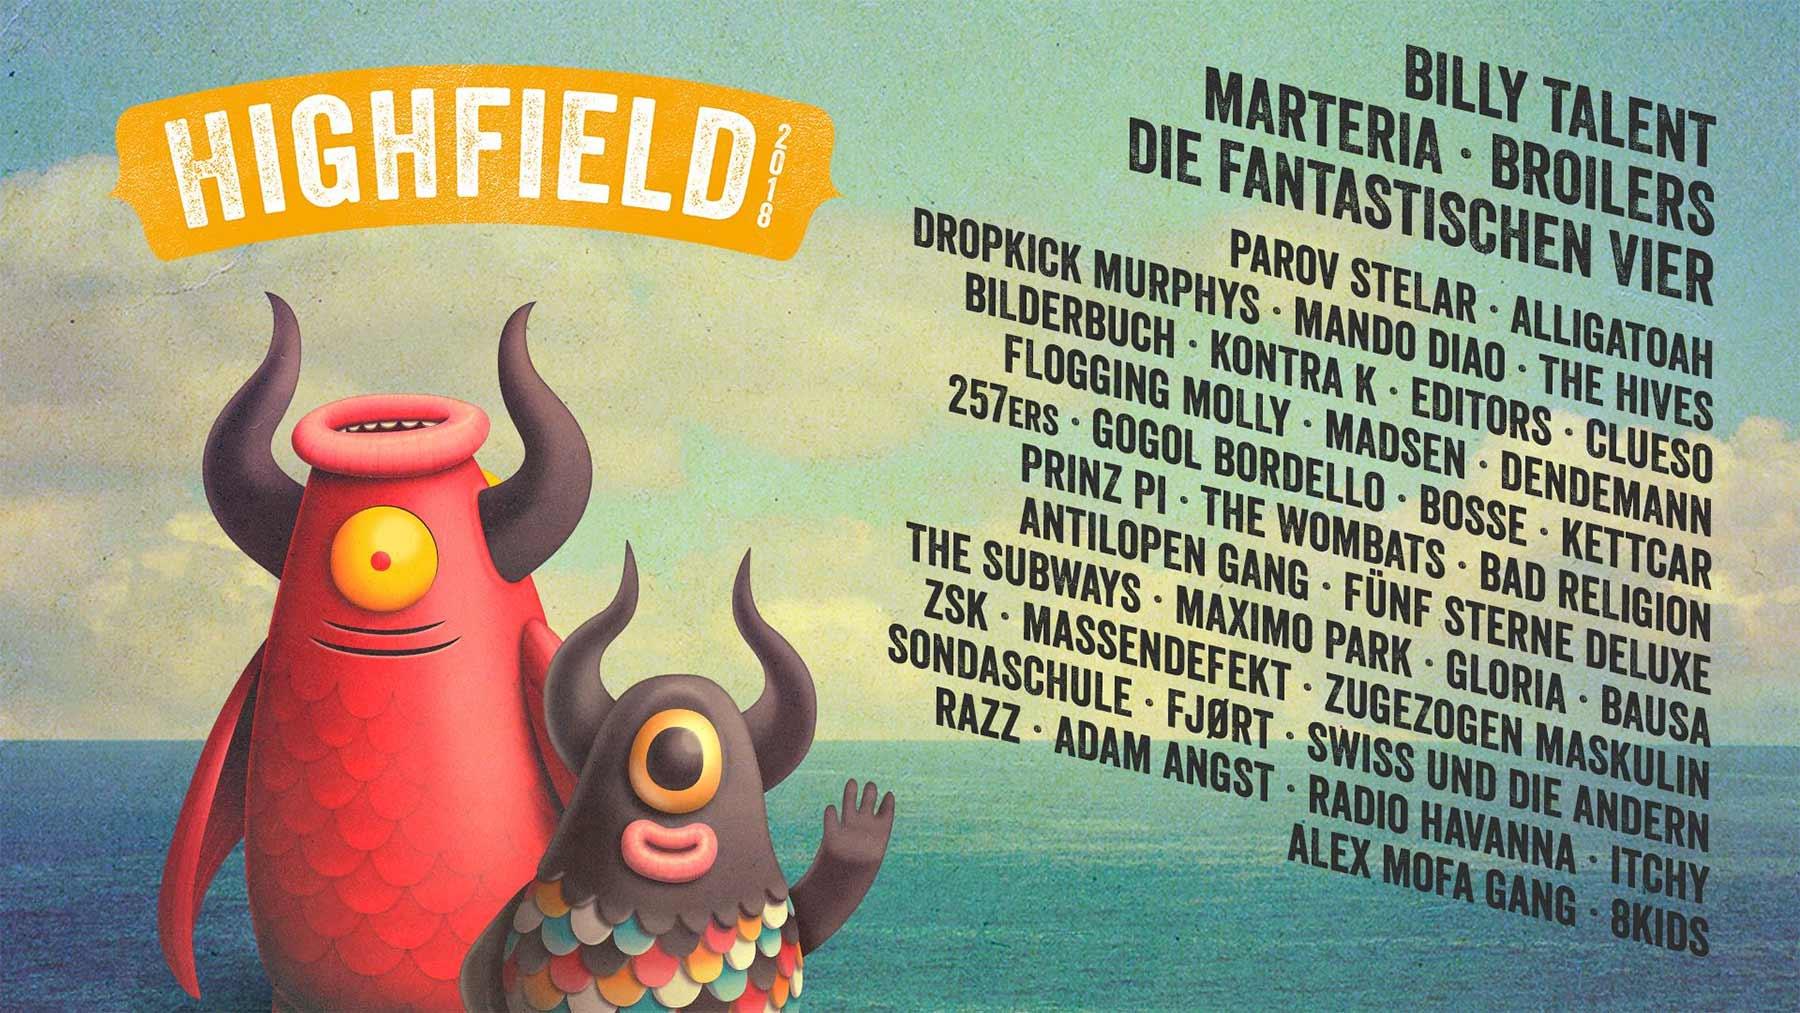 Es gibt noch (Tages)Tickets für das Highfield Festival 2018 highfield-festival-2018-lineup